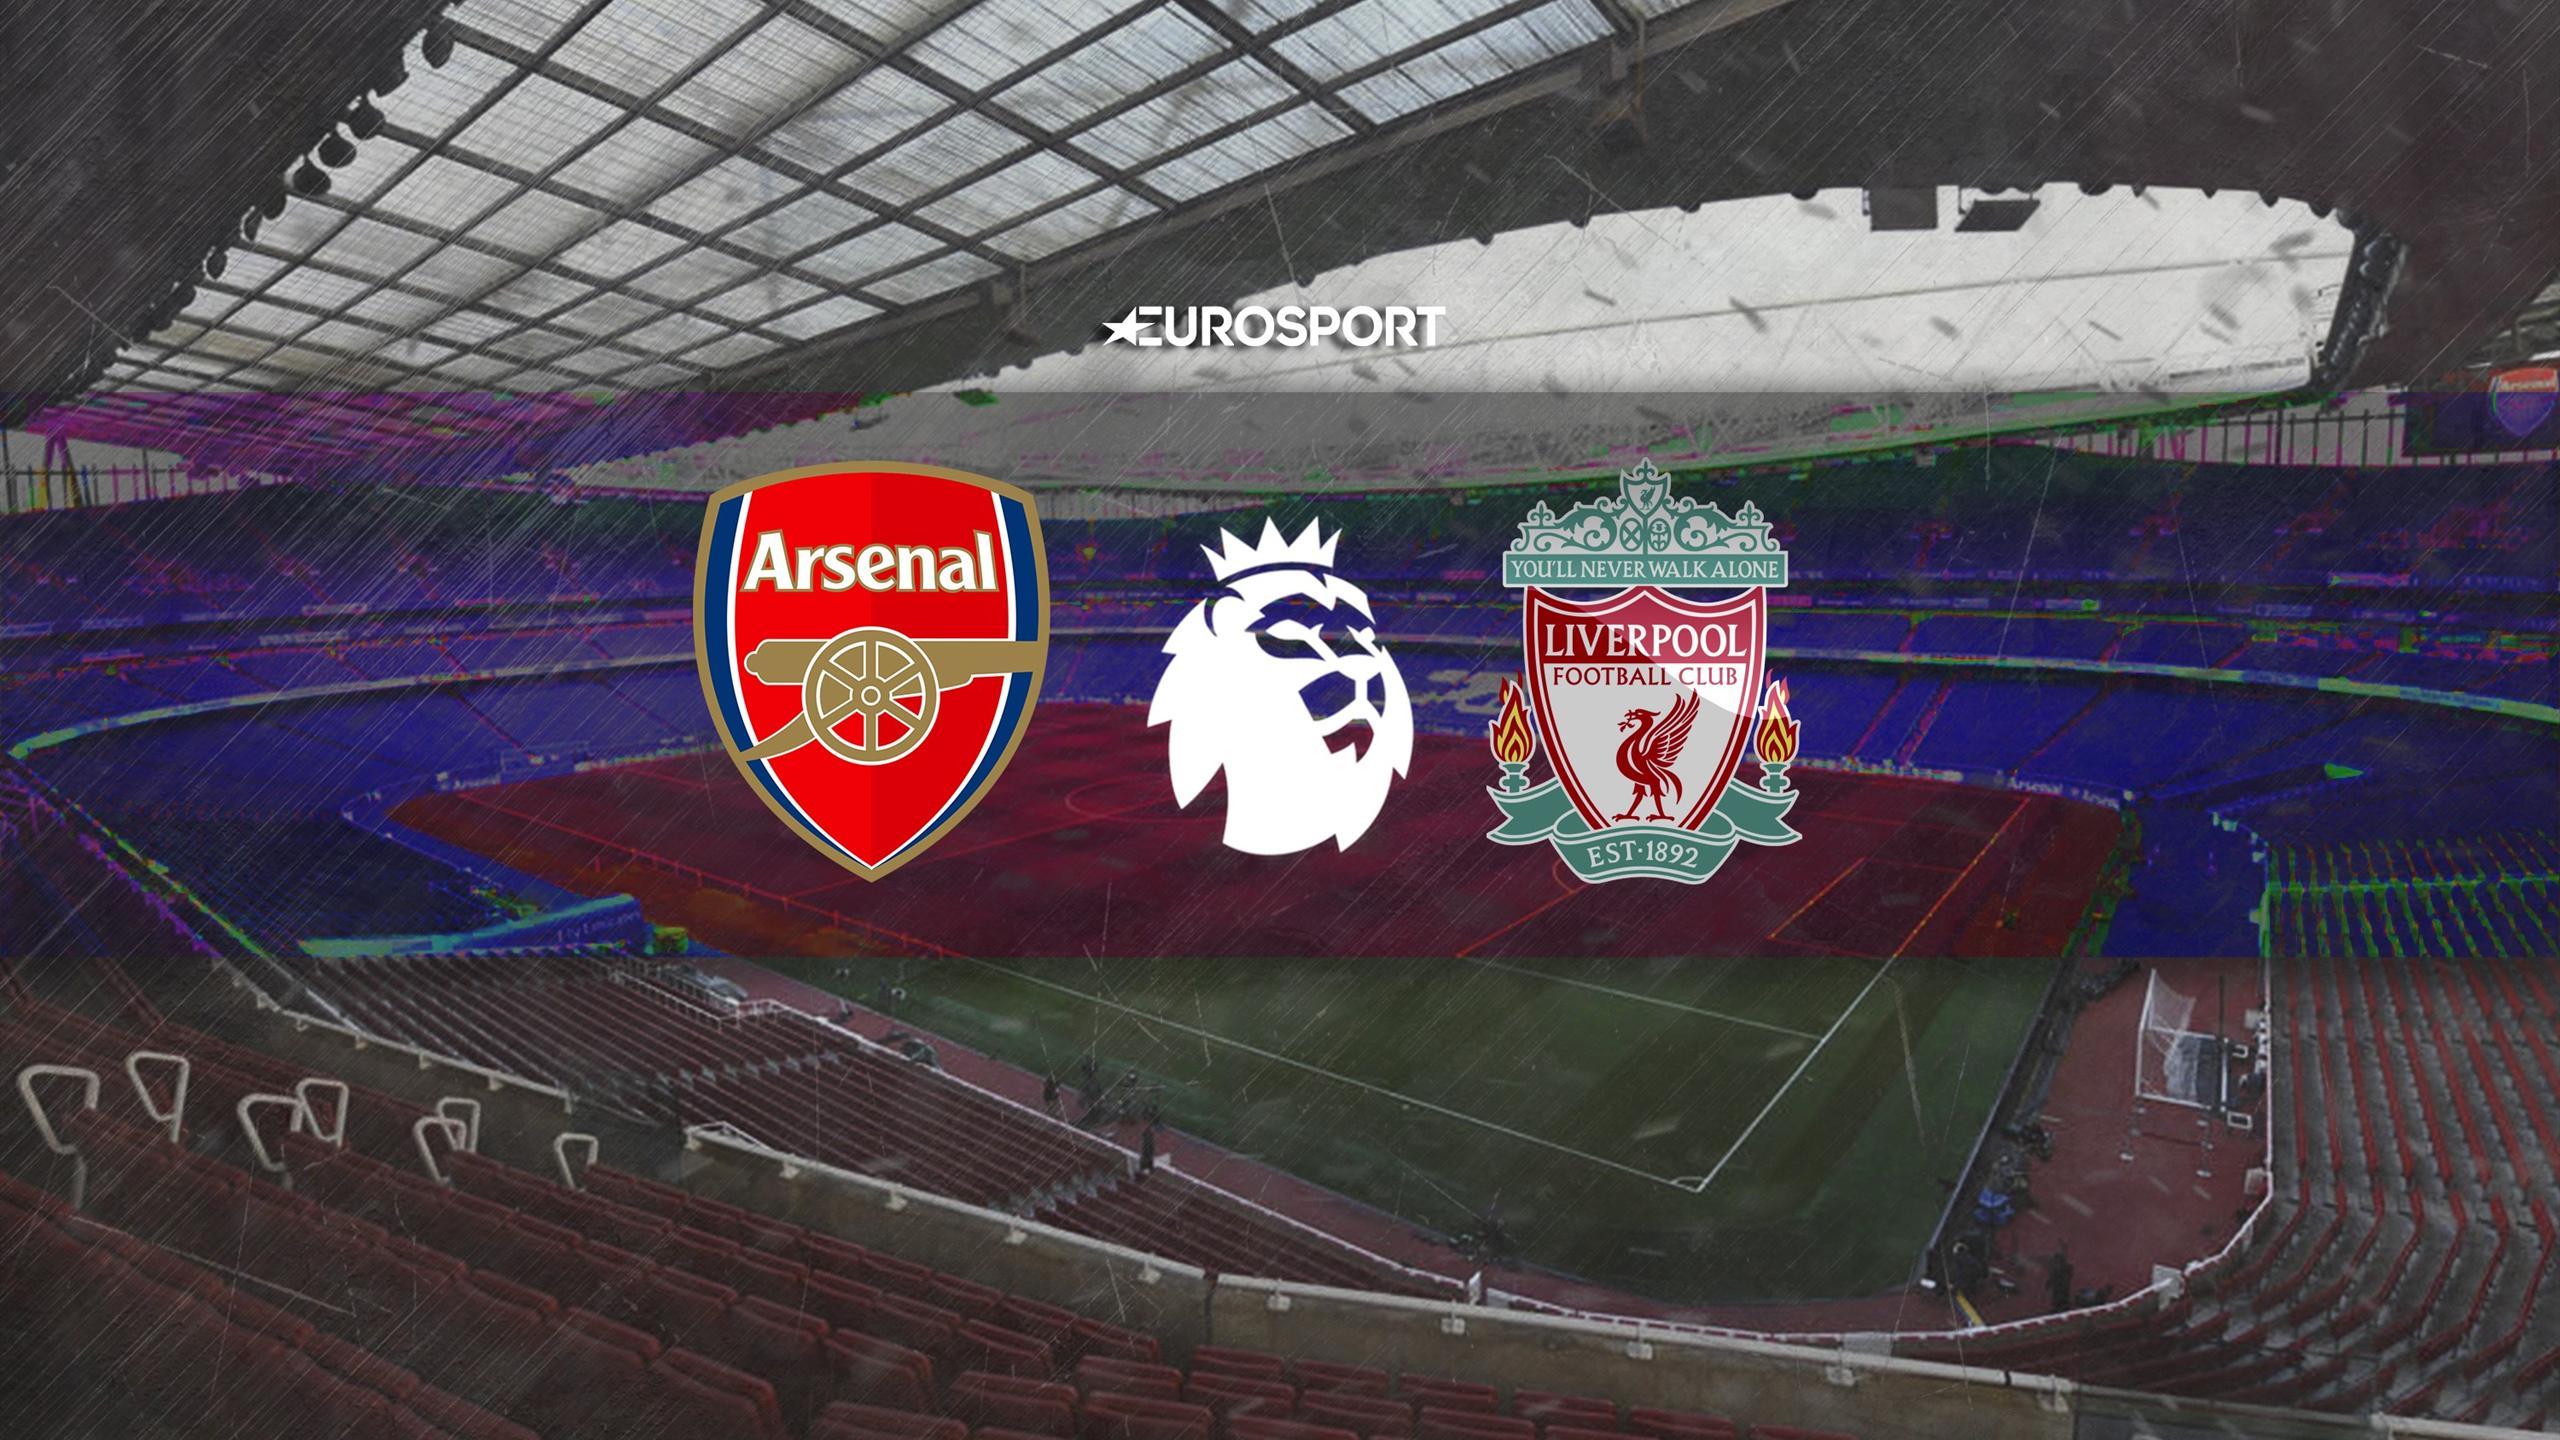 Арсенал ливерпуль все матчи [PUNIQRANDLINE-(au-dating-names.txt) 50